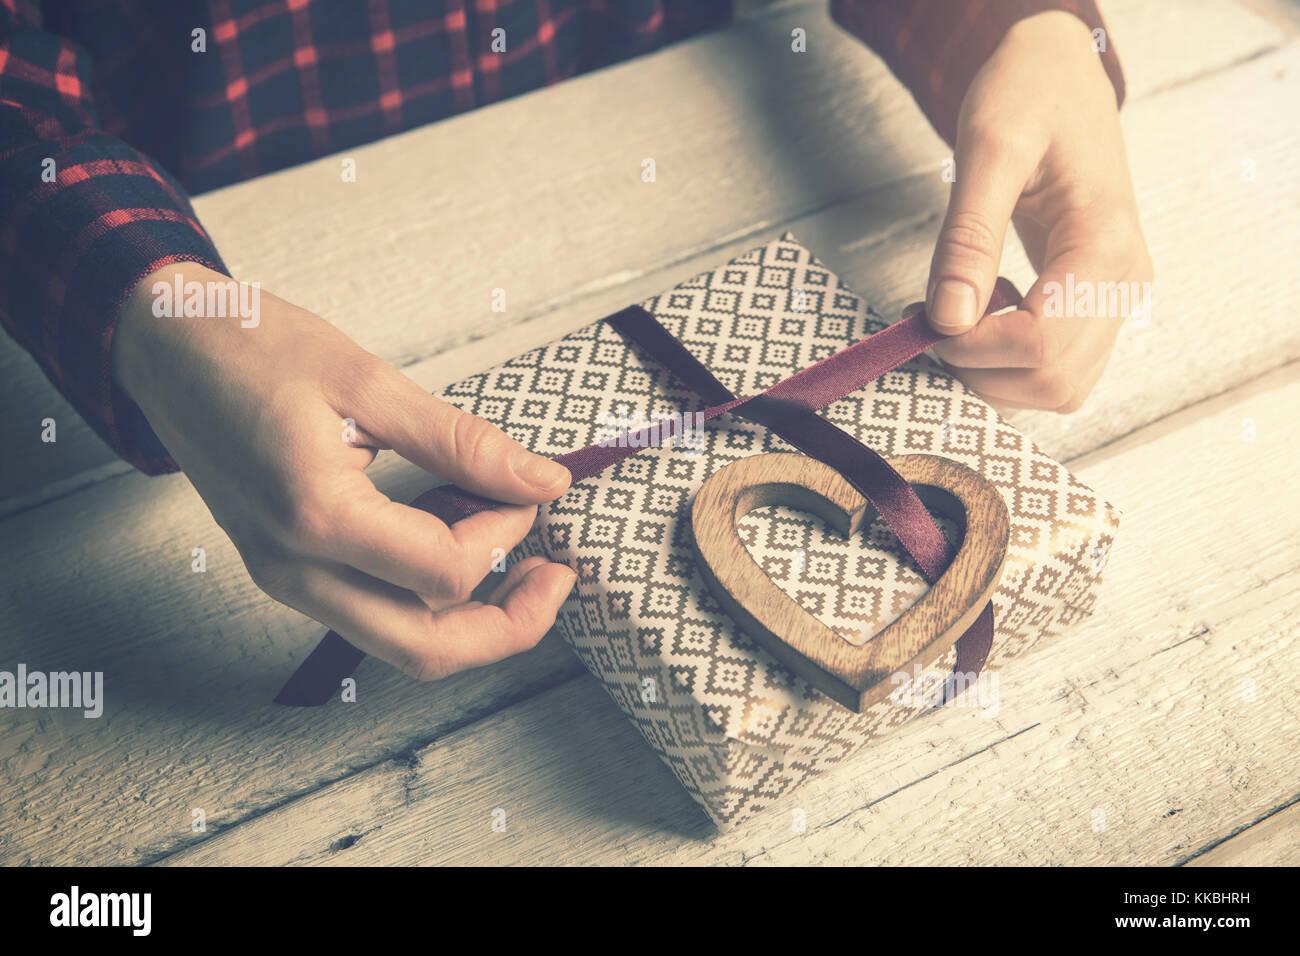 Envolver un regalo para la mujer amada. cinta de atar a un arco de madera con decoración de corazón Imagen De Stock